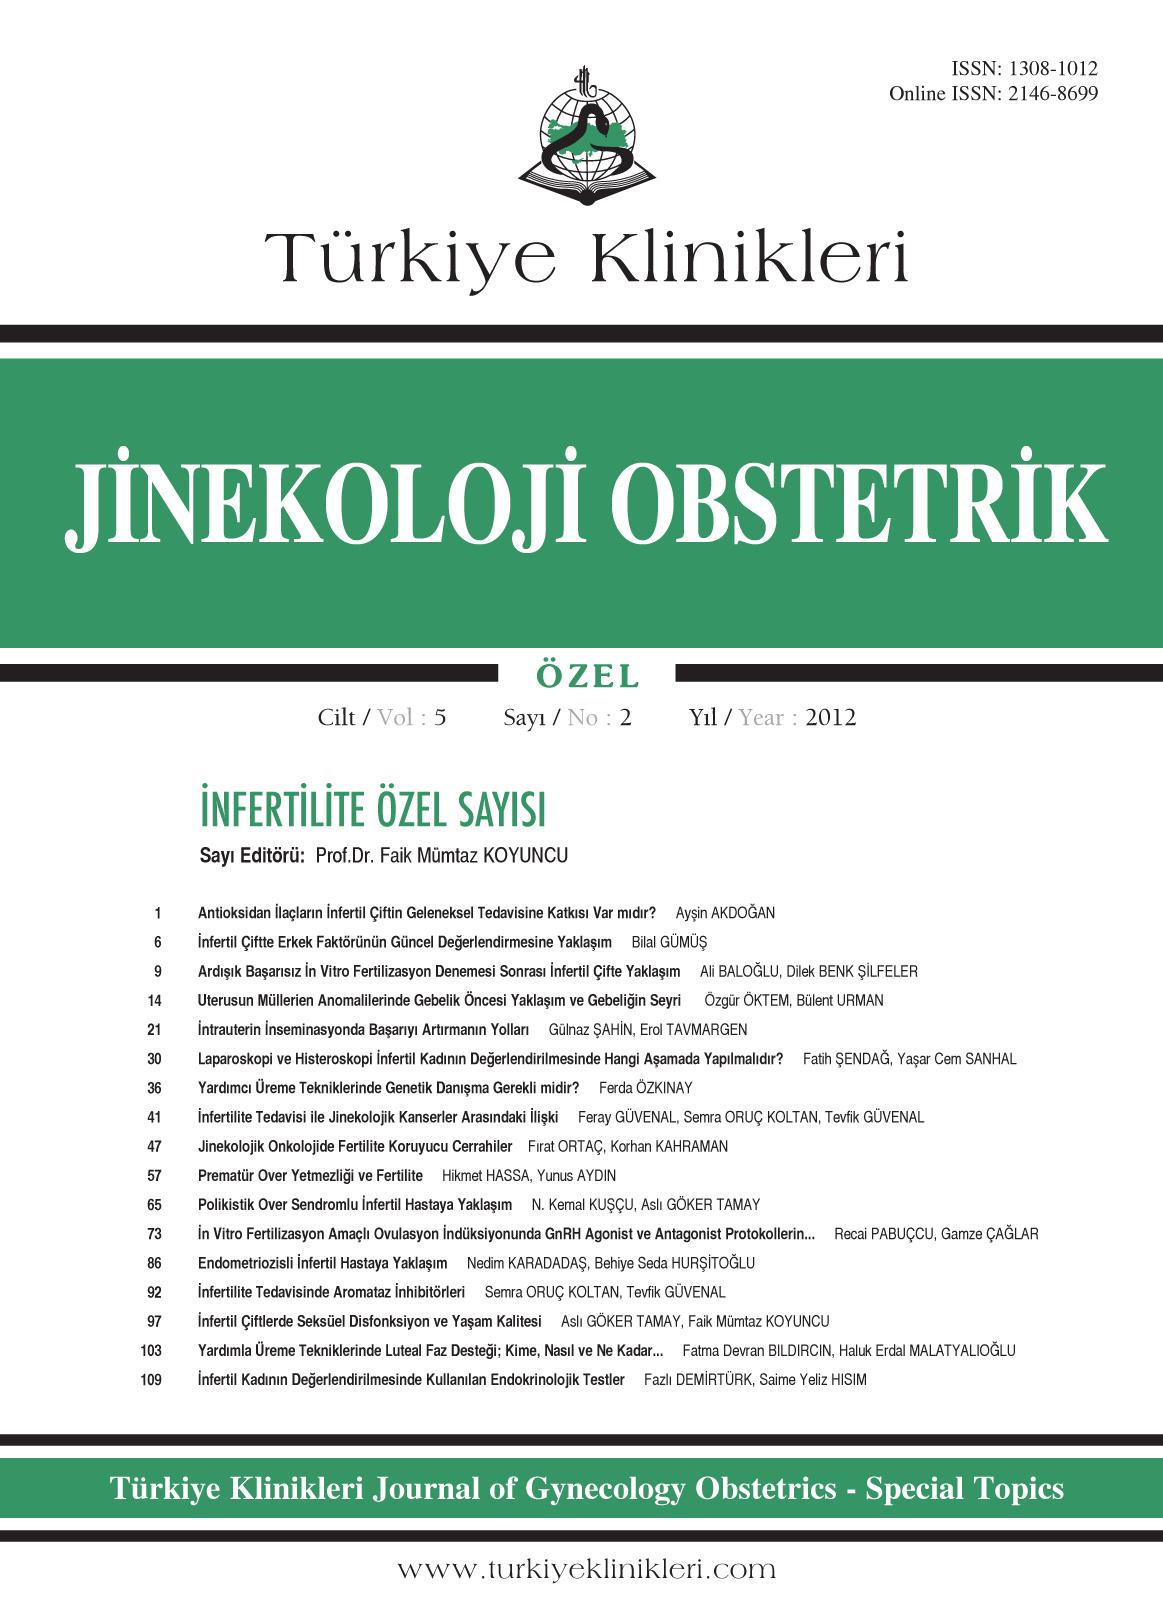 Klinikleri jinekoloji obstetrik özel dergisi 2012 cilt 5 sayı 2